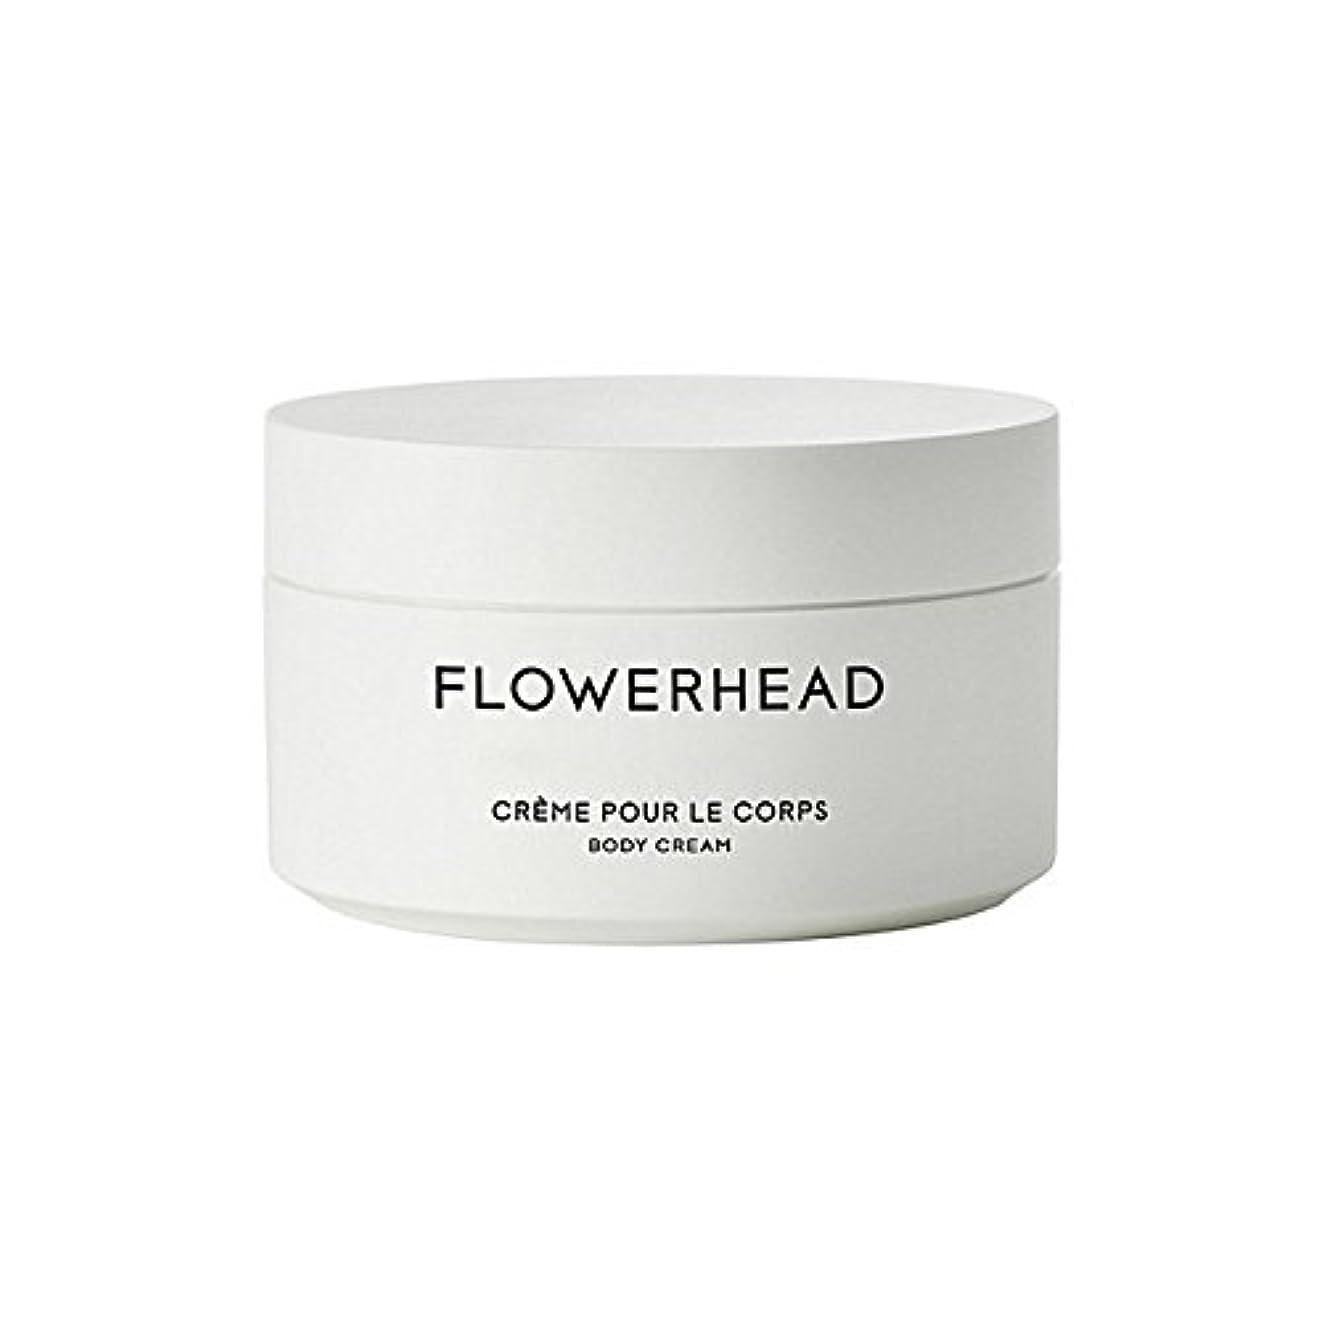 保証供給オープニングボディクリーム200ミリリットル x4 - Byredo Flowerhead Body Cream 200ml (Pack of 4) [並行輸入品]